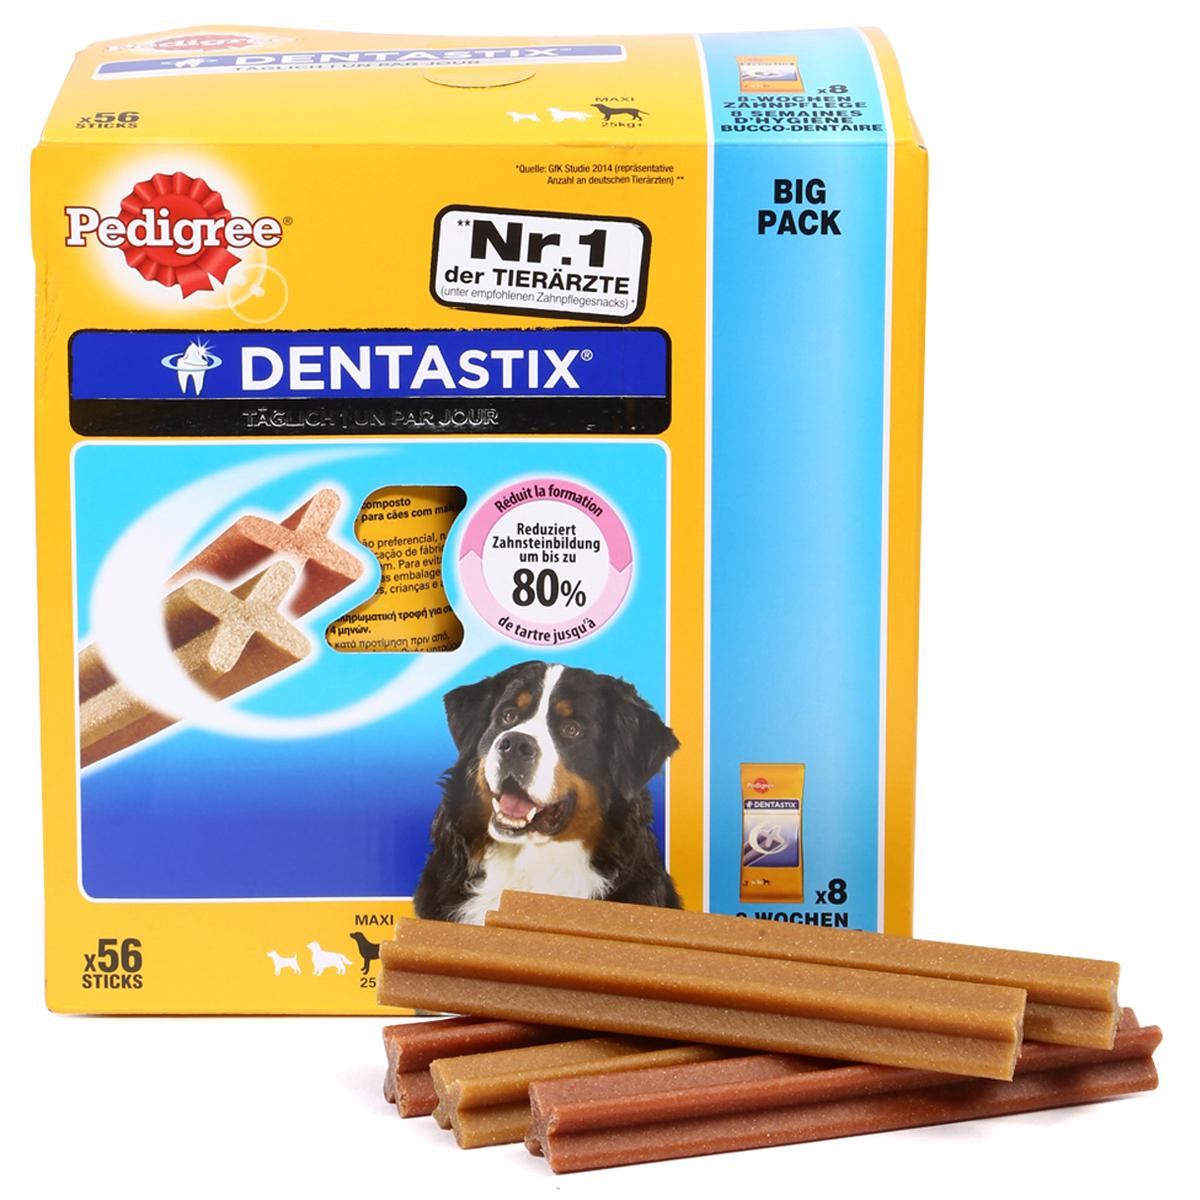 pedigree dentastix f r gro e hunde g nstig kaufen bei zooroyal. Black Bedroom Furniture Sets. Home Design Ideas